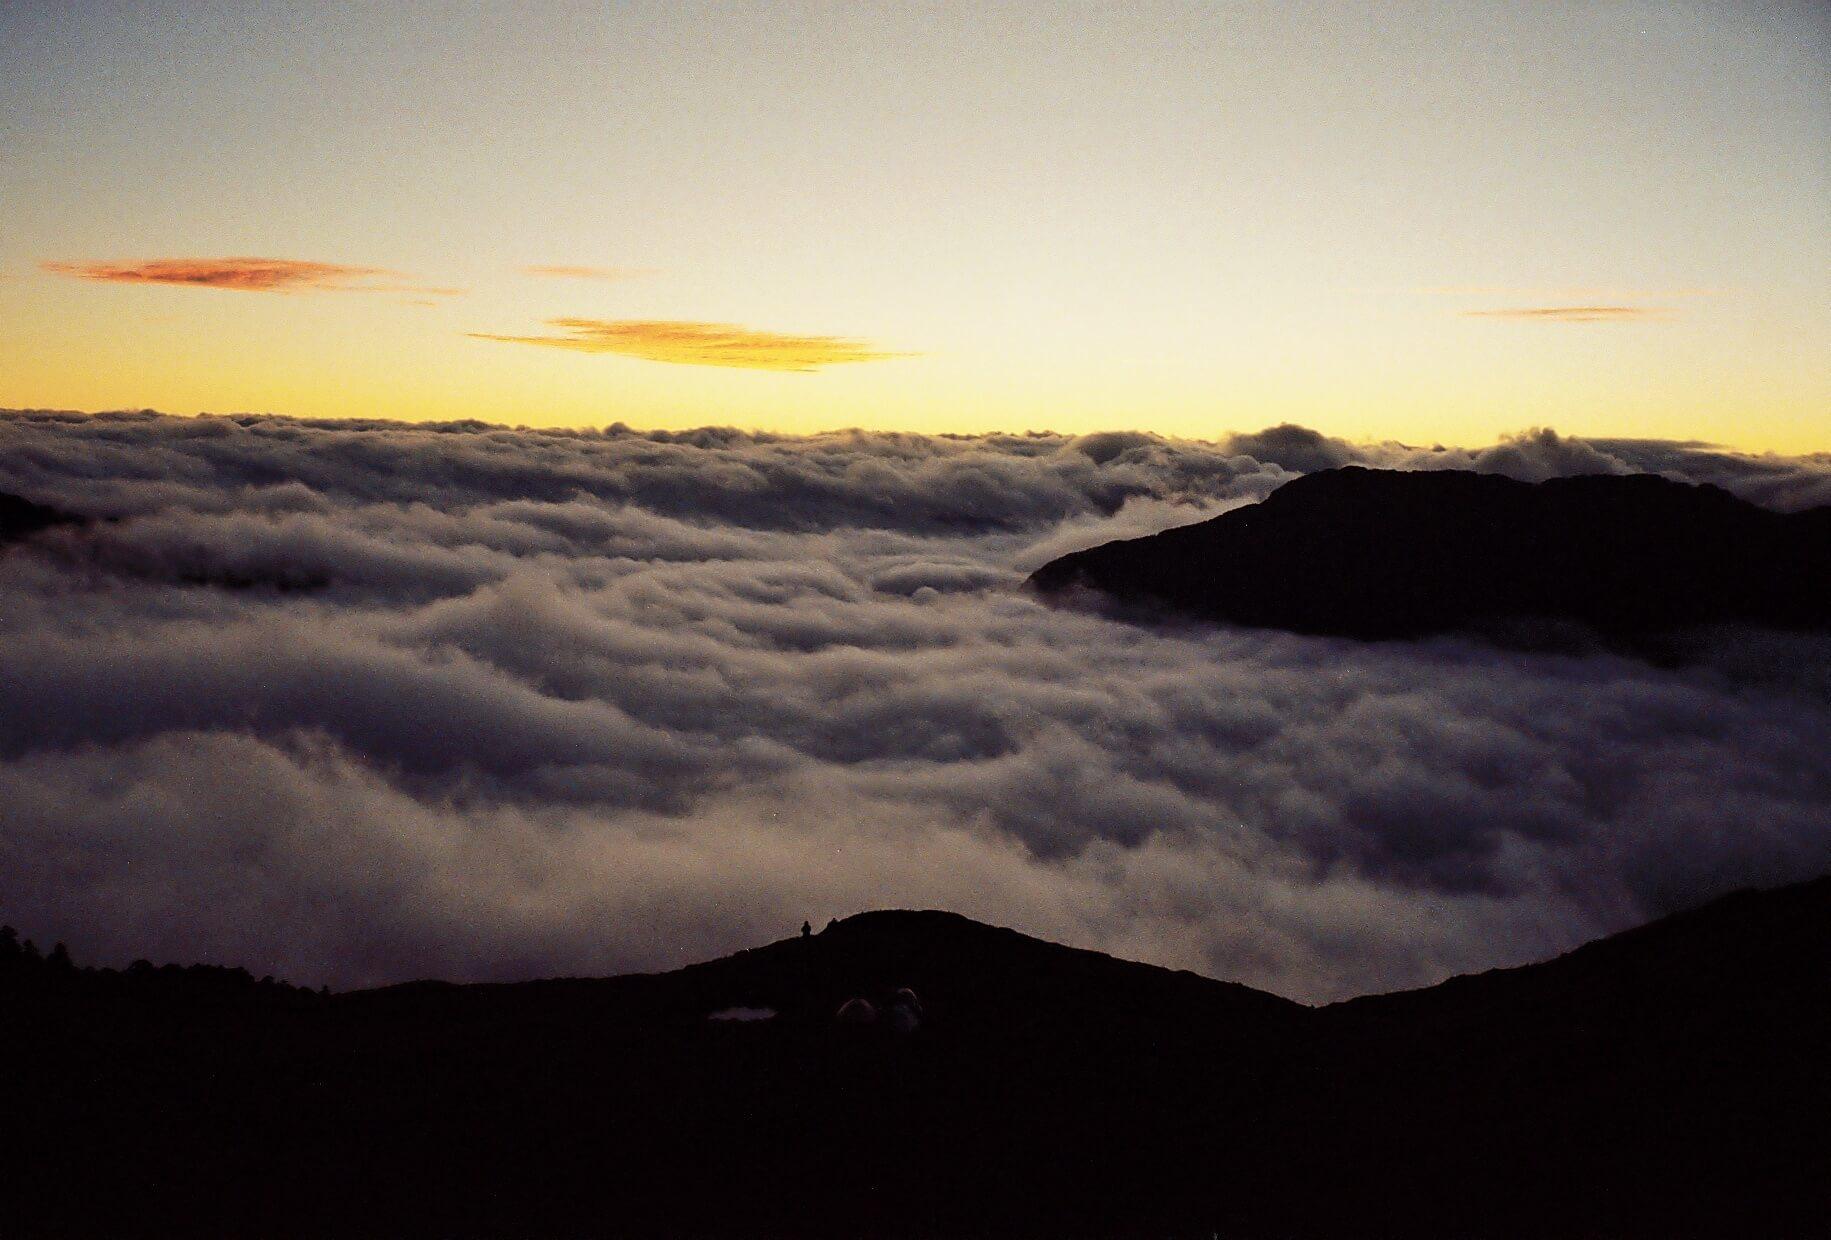 台灣 | 合歡西北峰 | Hehuan Mountains | 山林間的魔幻時刻